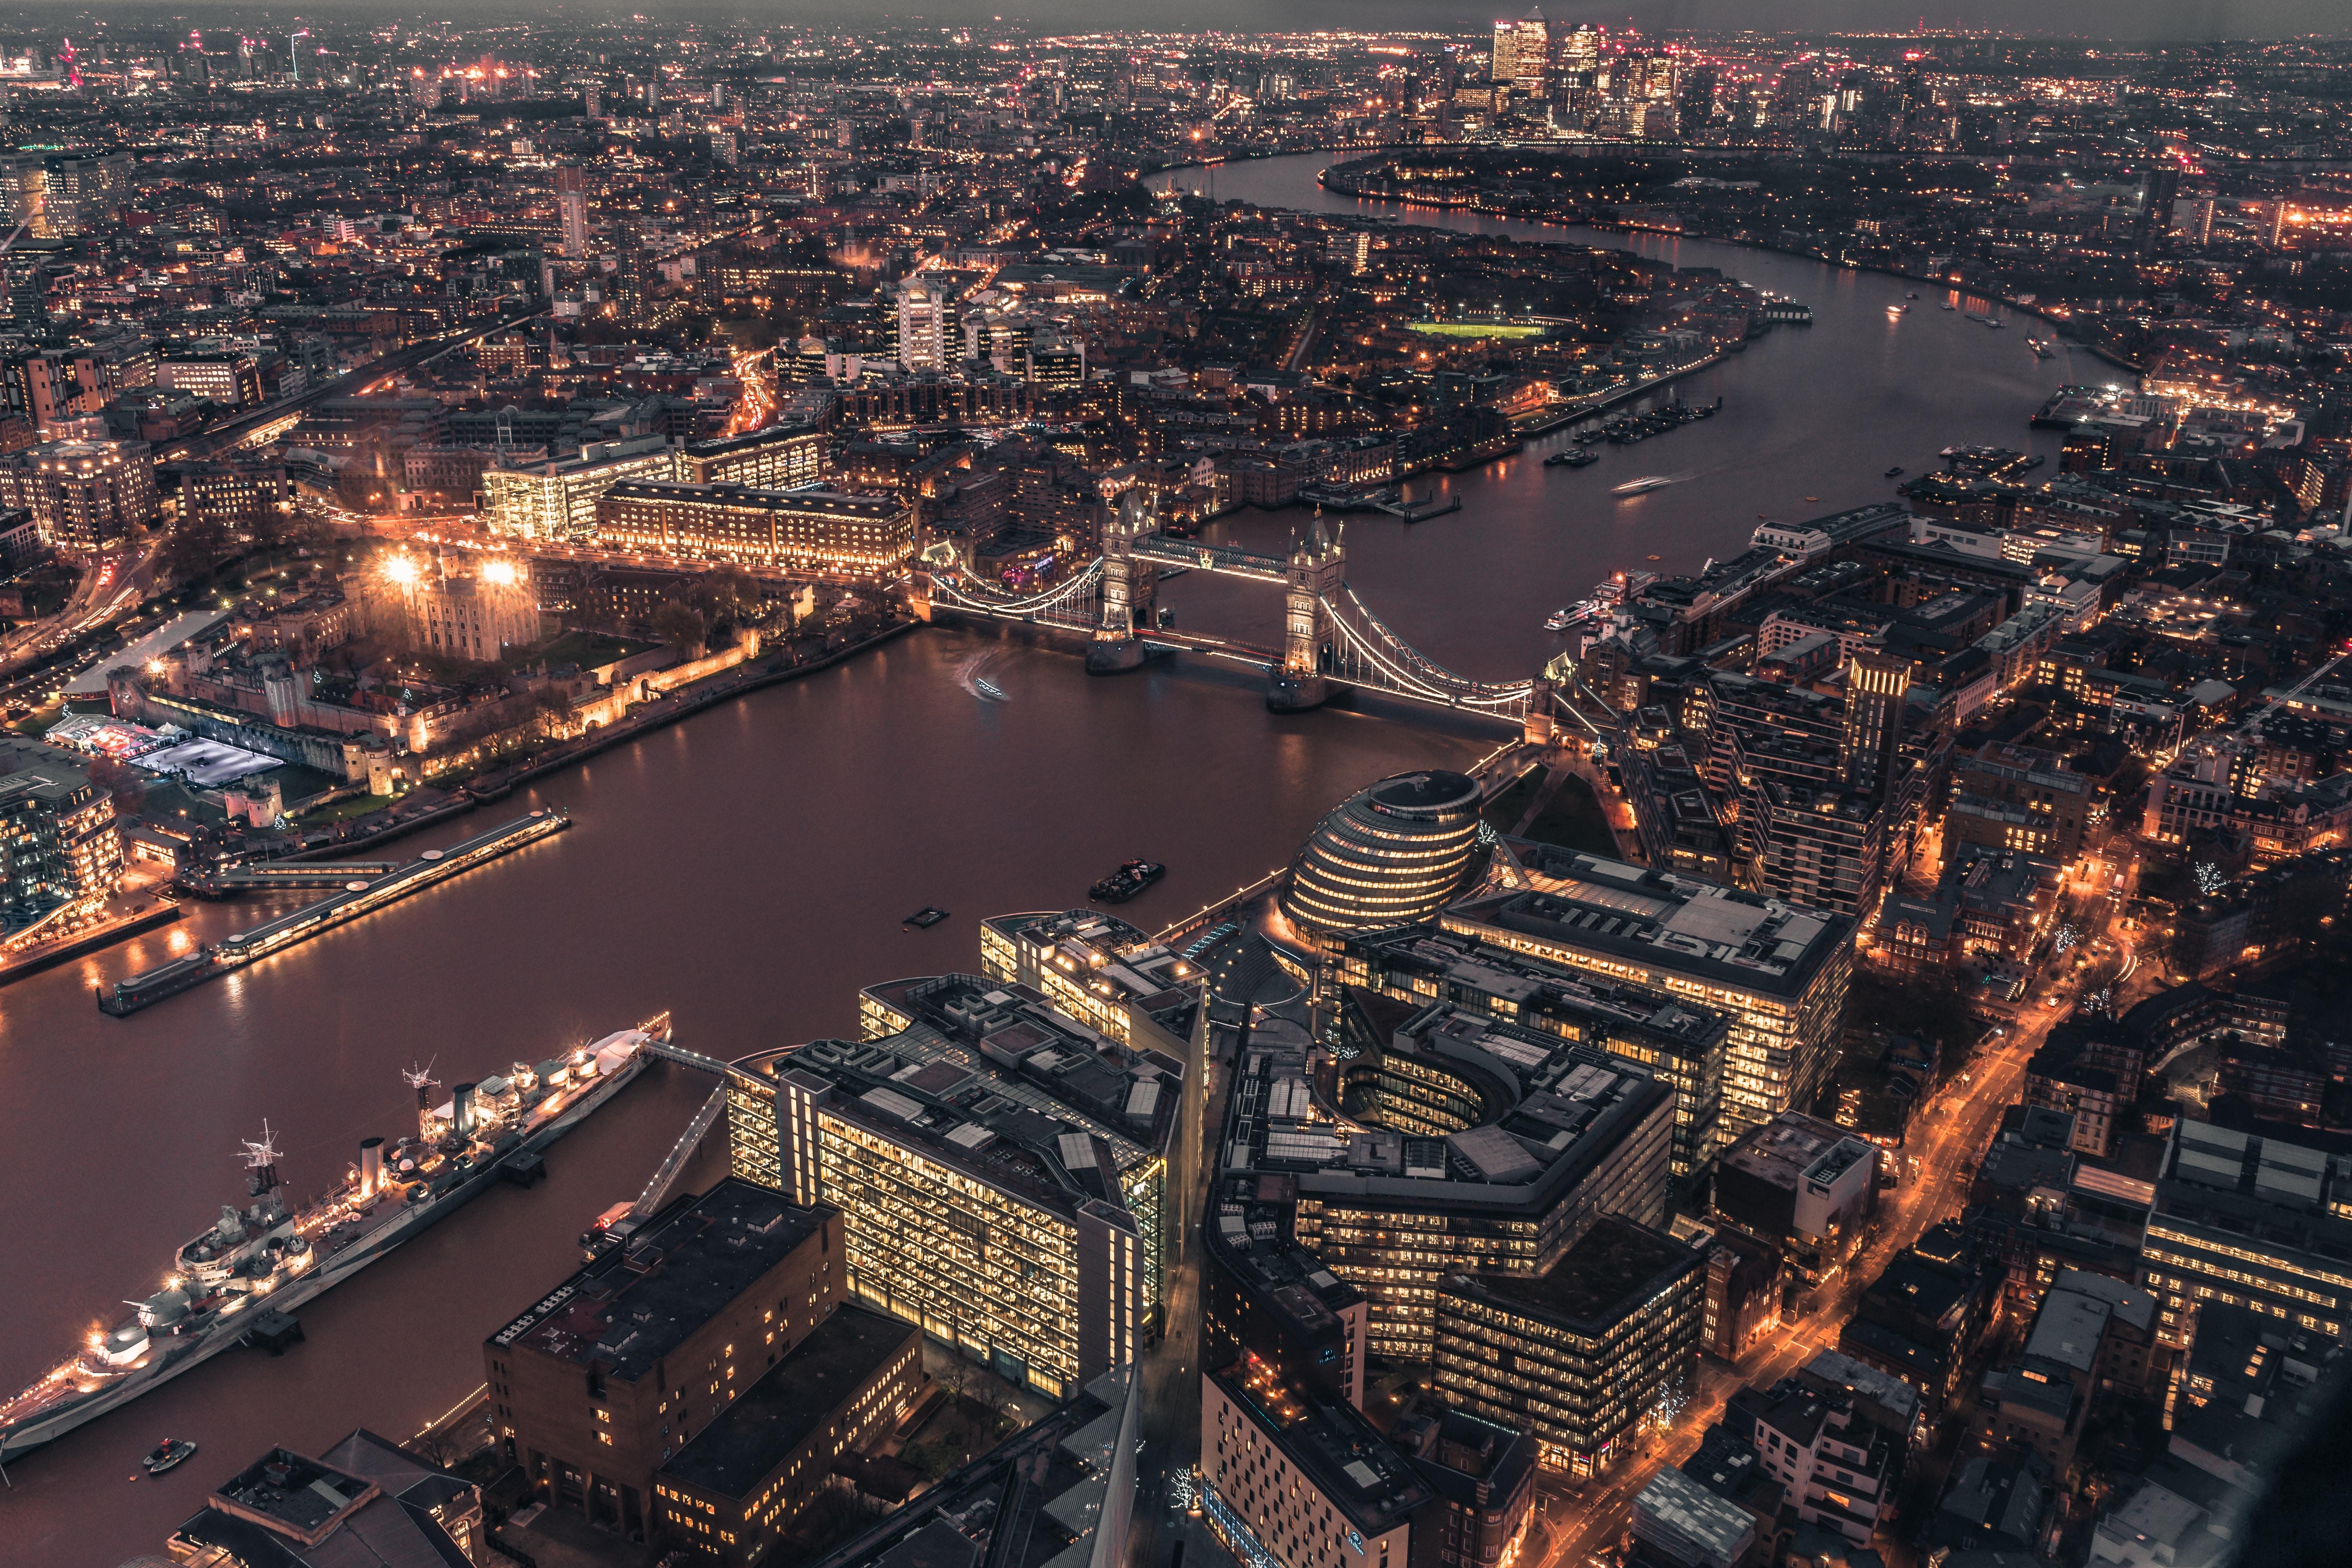 114352 Hintergrundbild herunterladen Städte, Großbritannien, London, Blick Von Oben, Lichter Der Stadt, City Lights, Brücke, Vereinigtes Königreich - Bildschirmschoner und Bilder kostenlos